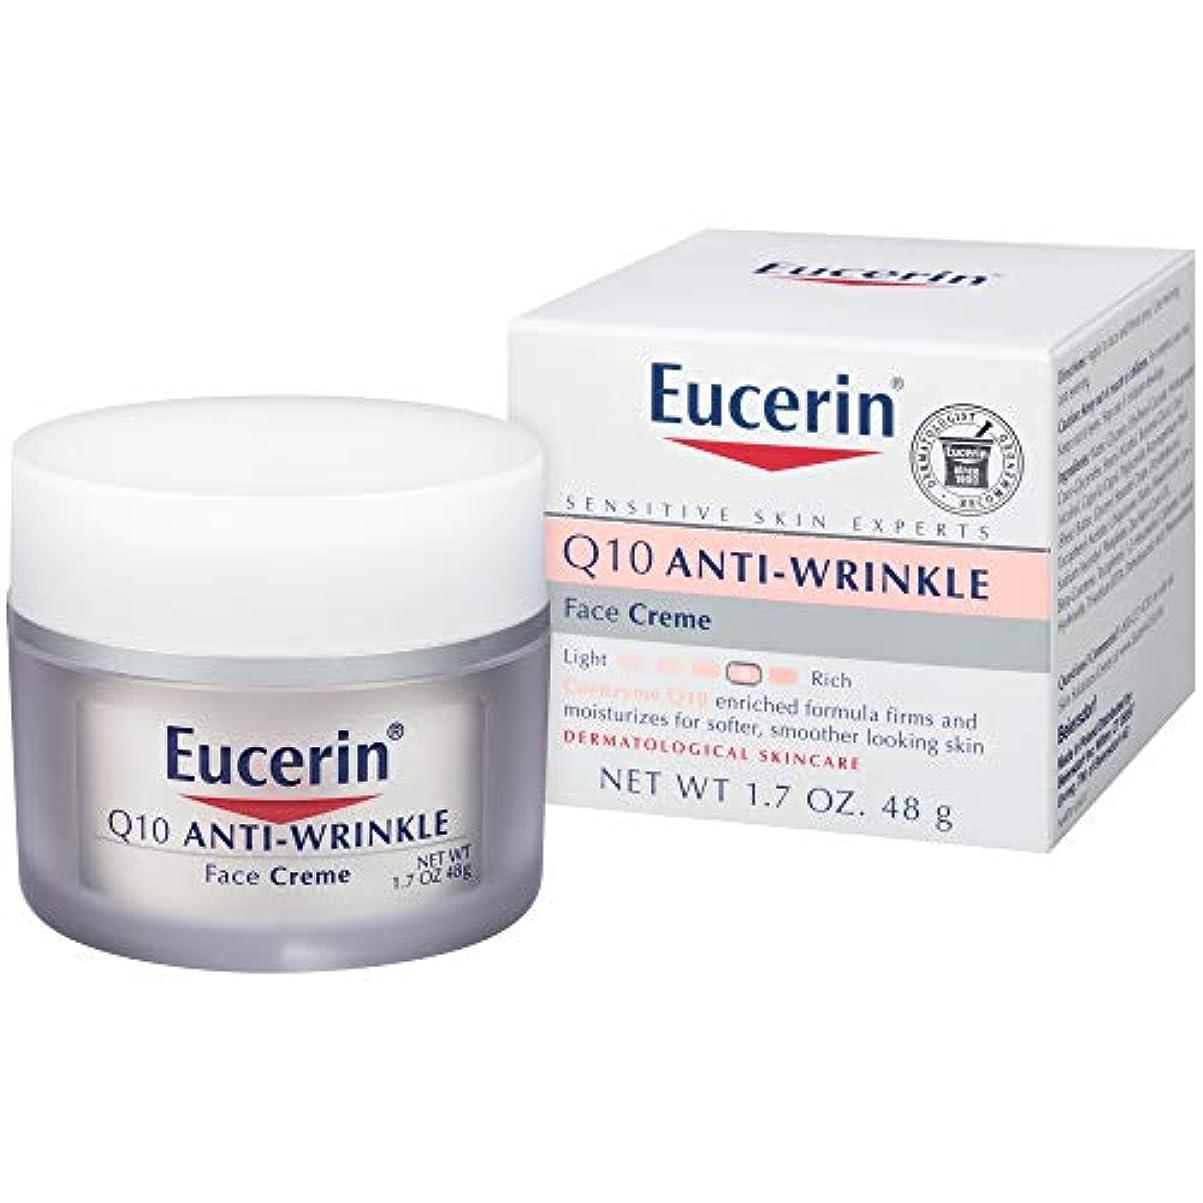 ピア短くする力強いEucerin Sensitive Facial Skin Q10 Anti-Wrinkle Sensitive Skin Creme 48g (並行輸入品)